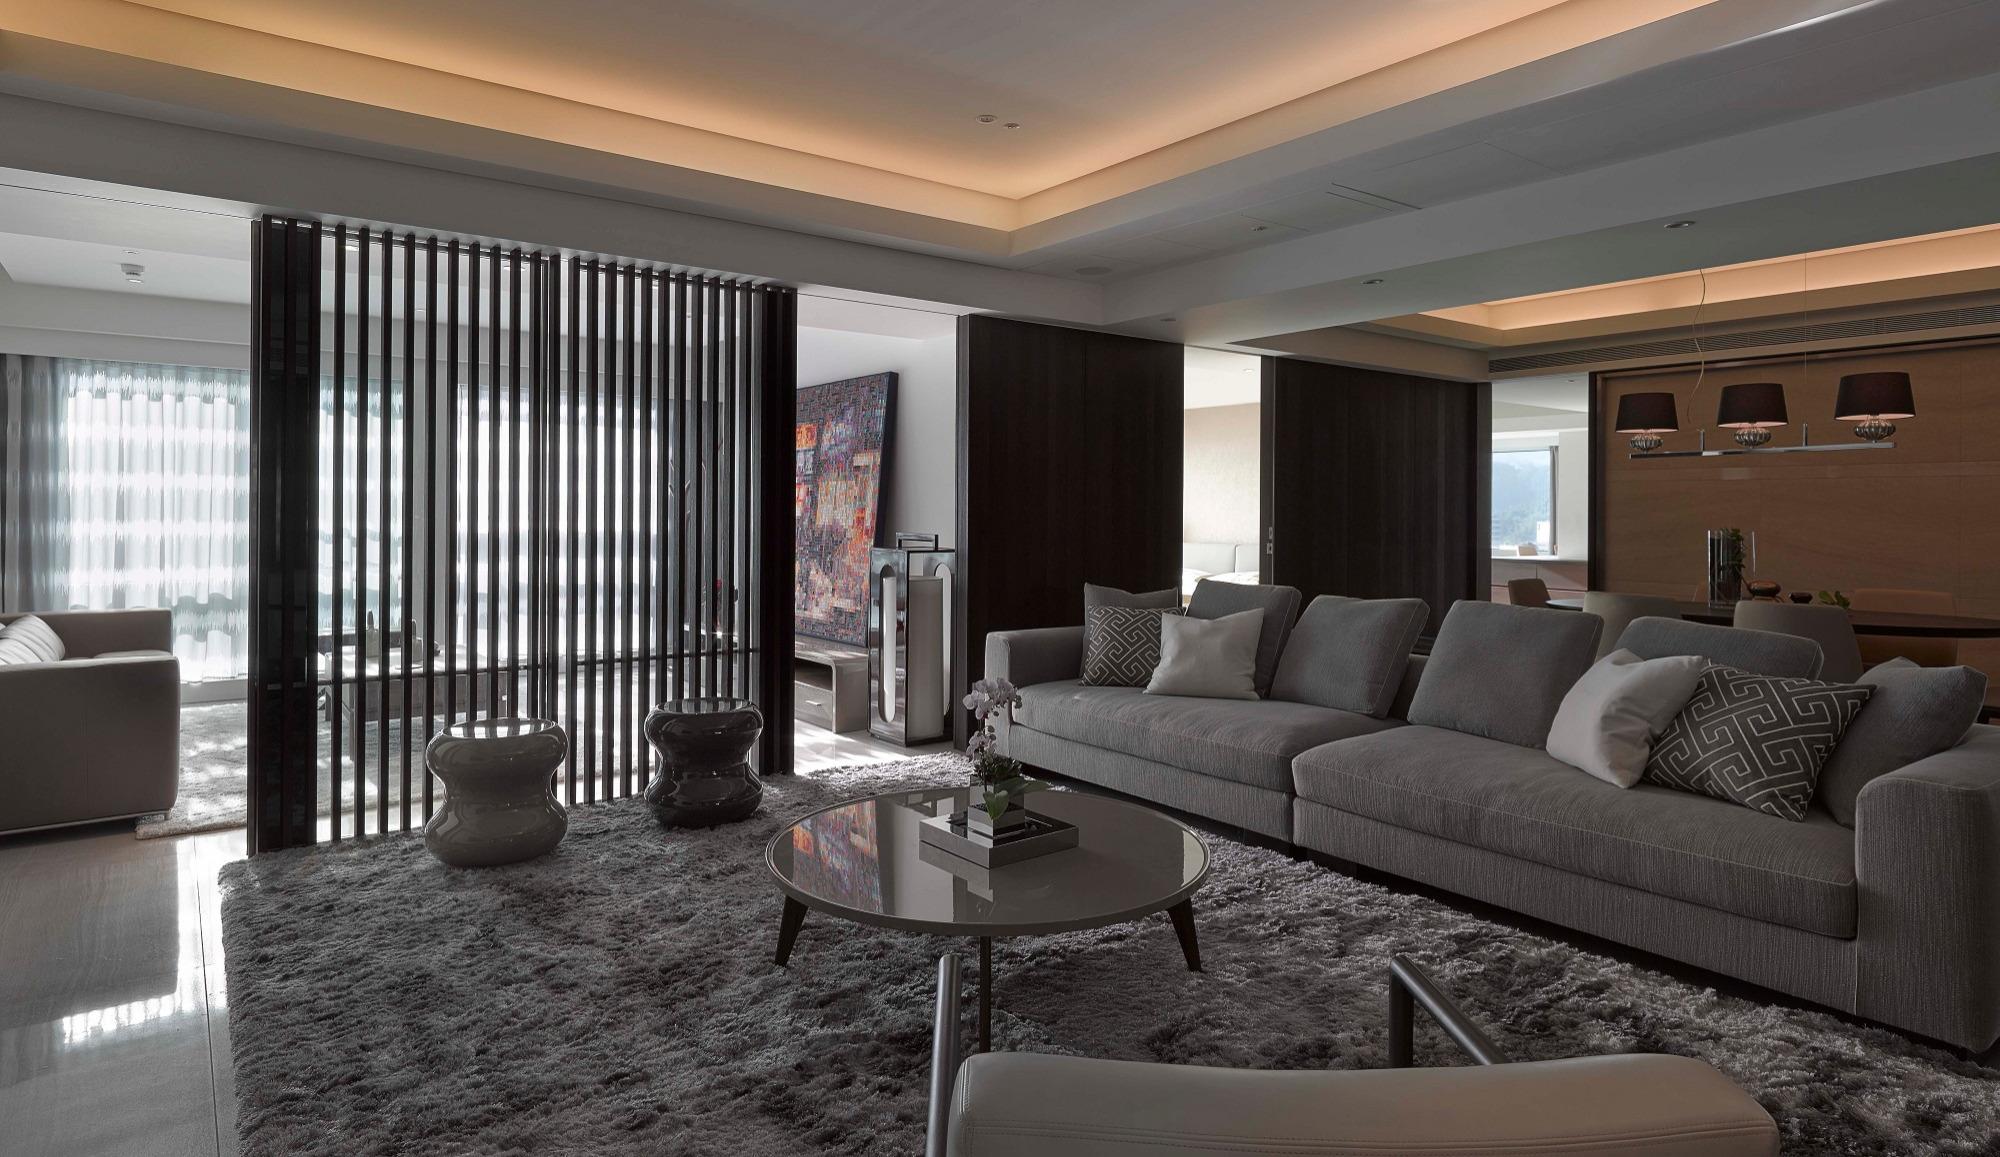 室內設計視頻 靜謐